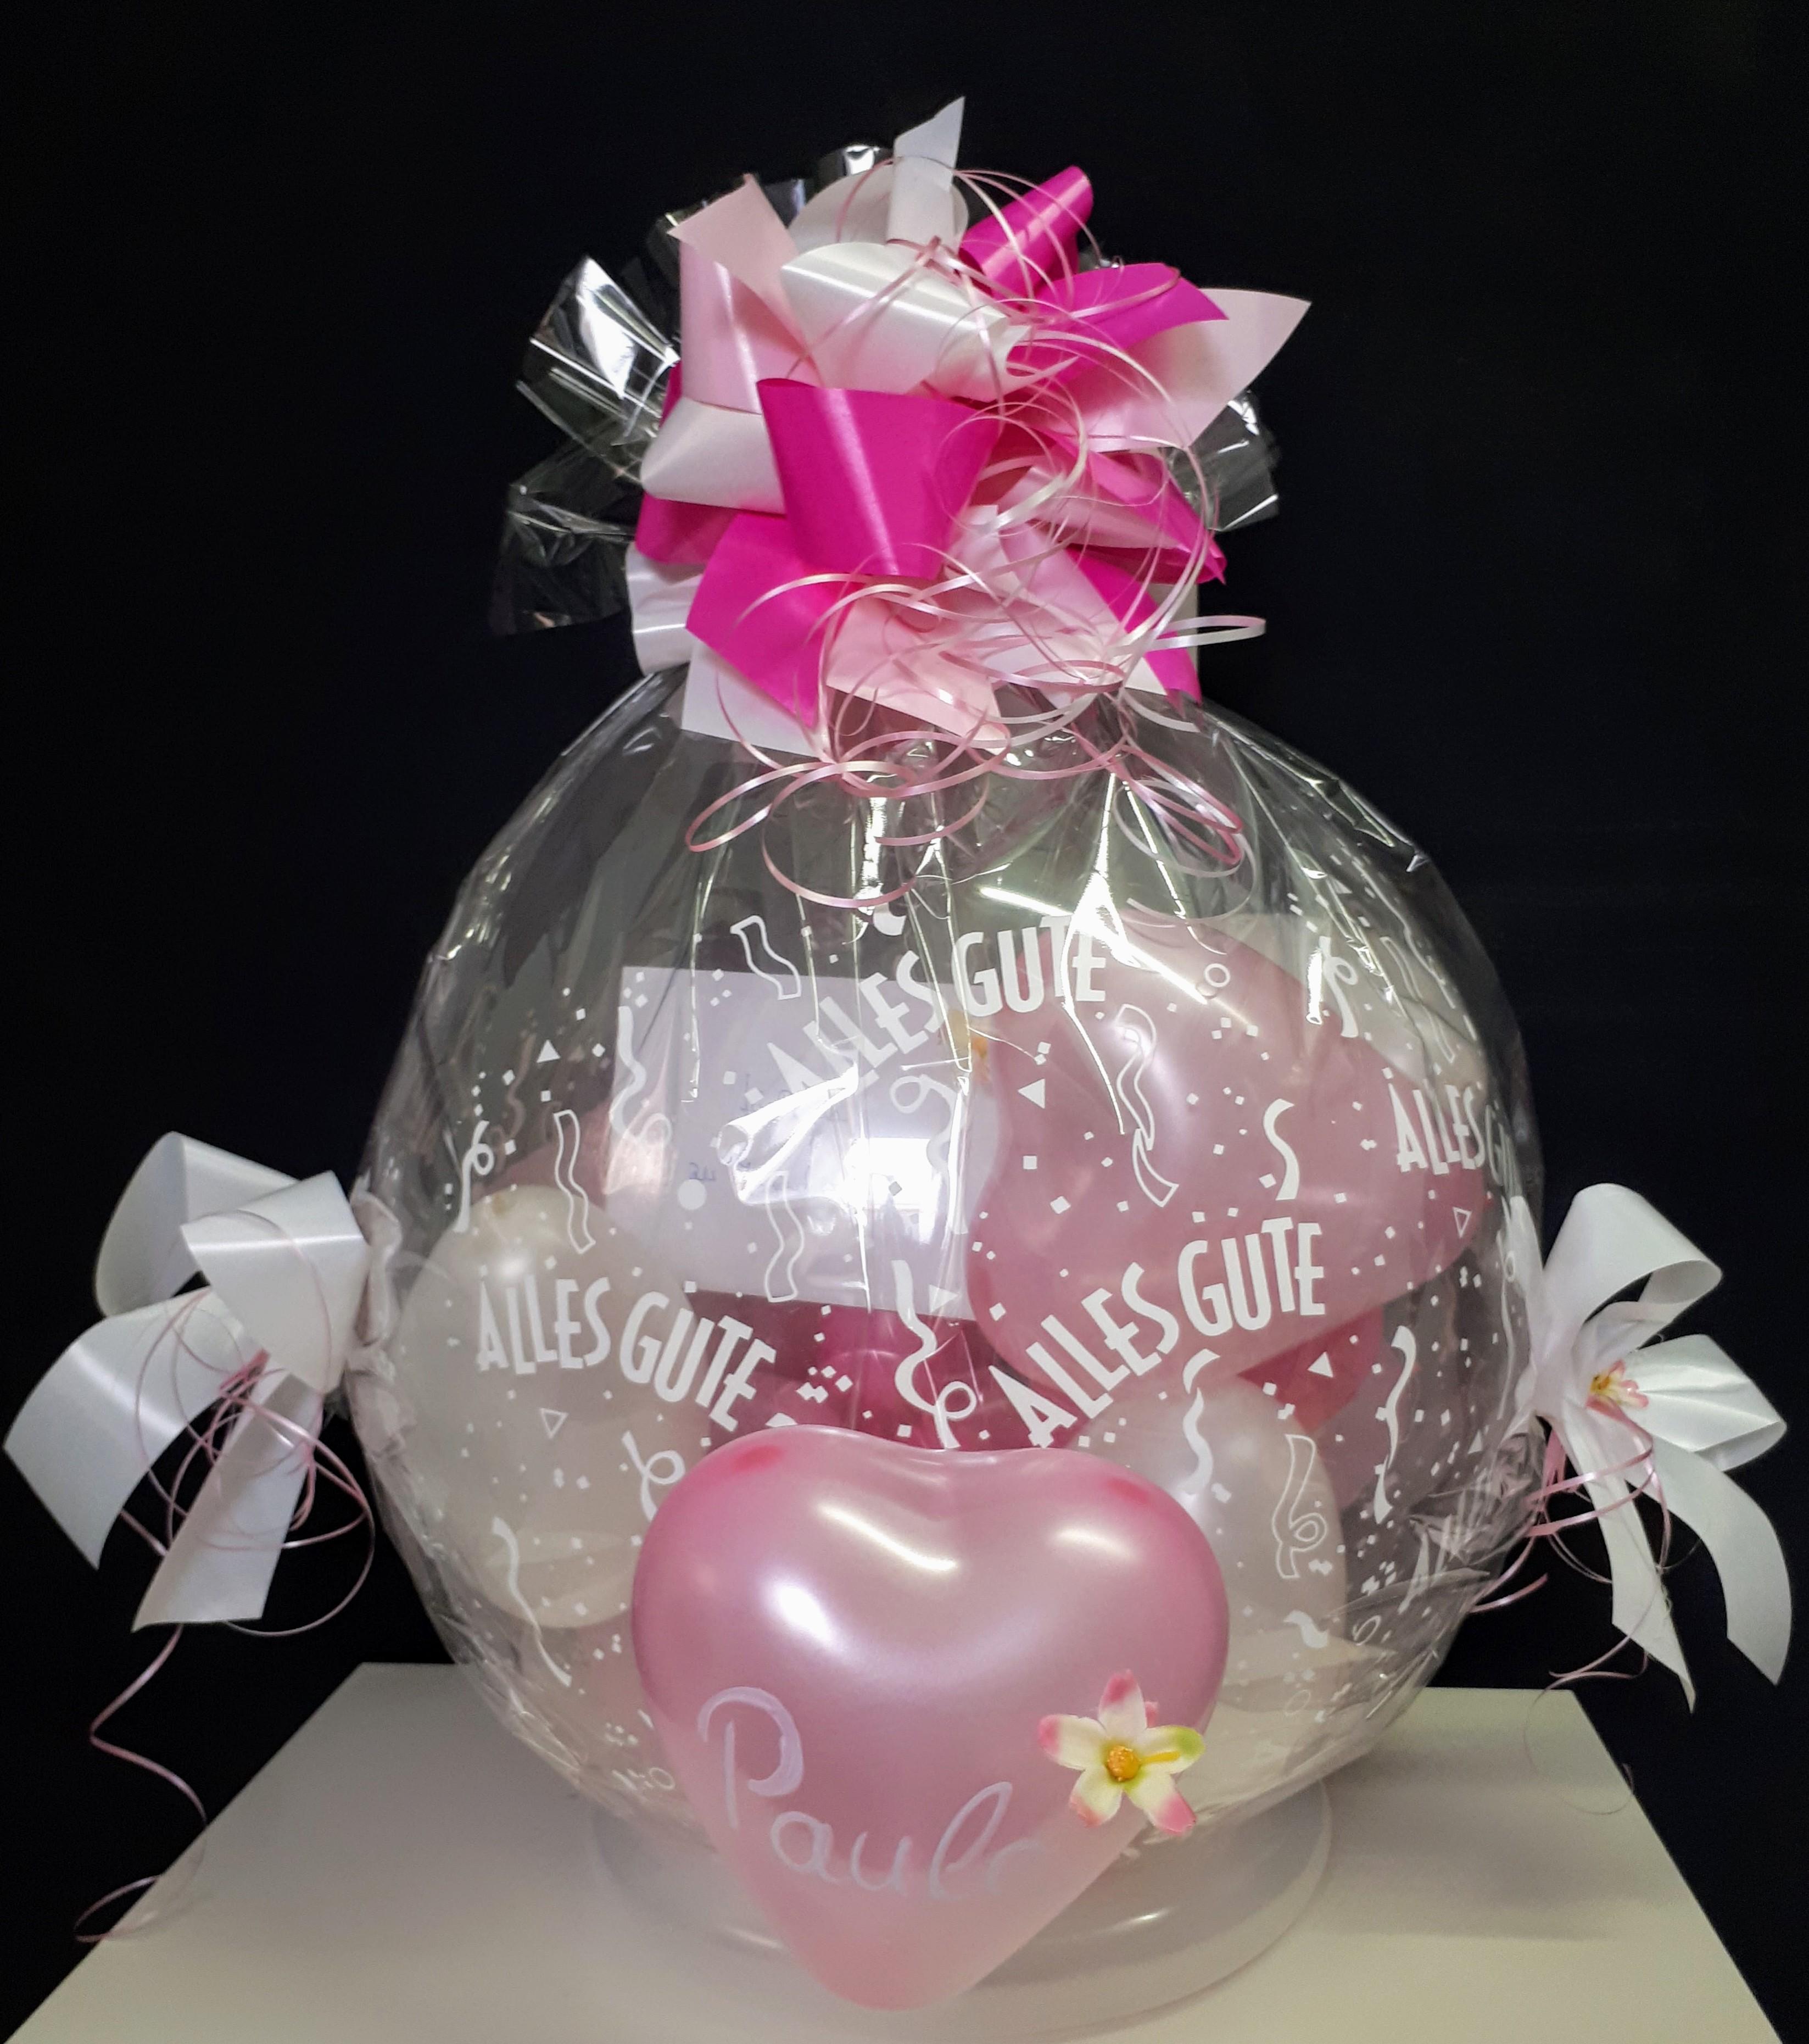 Balluness De Geburtstagsgeschenkballon